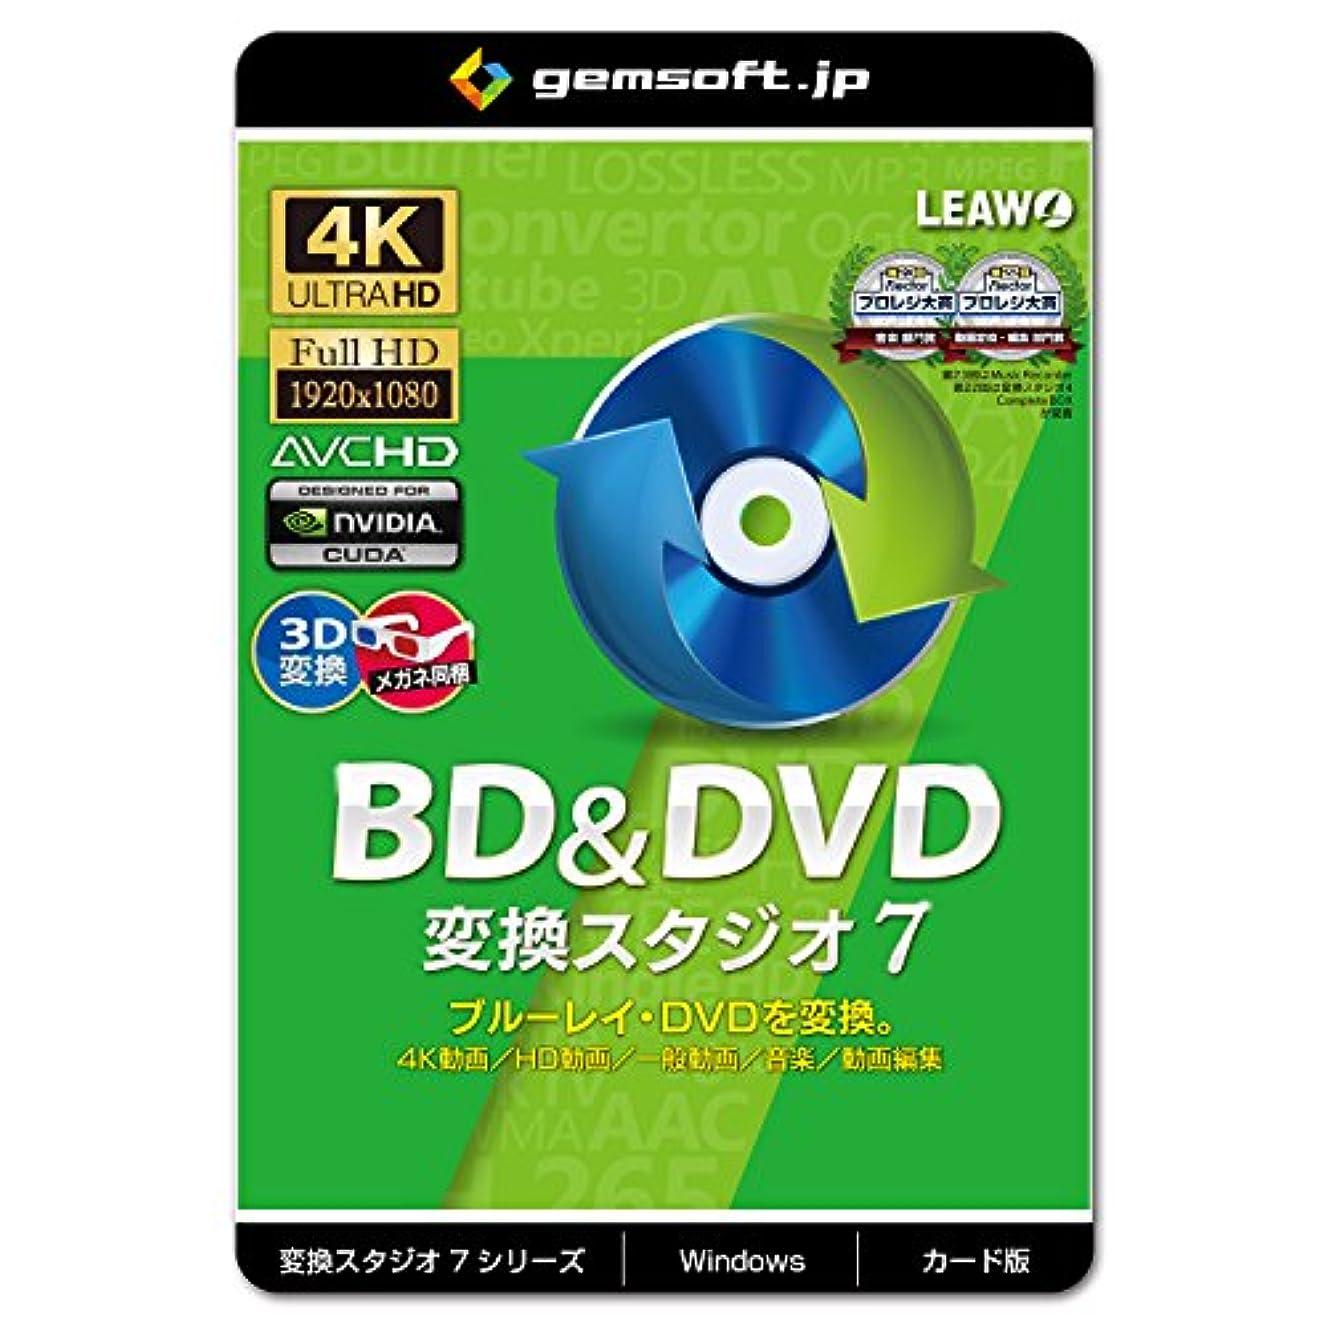 スマッシュ地球月曜BD&DVD 変換スタジオ7   変換スタジオ7シリーズ   カード版   Win対応